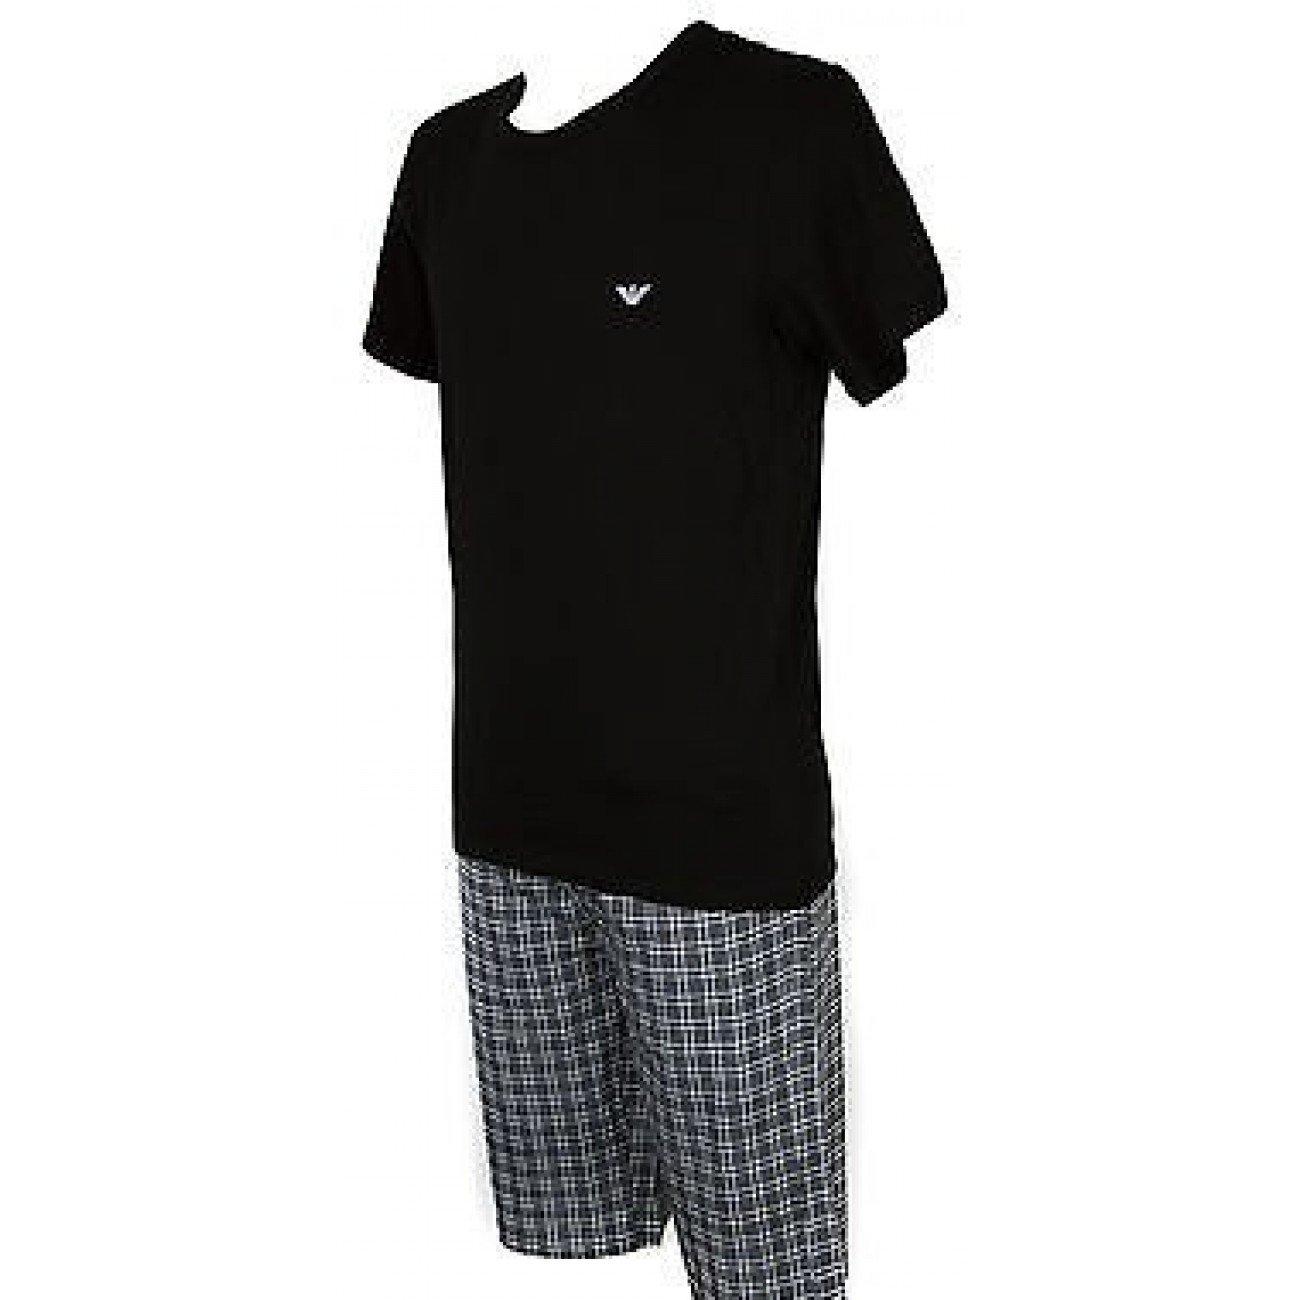 Short algodon pijamas para hombre EMPORIO ARMANI a. 111019 4A567 t.m Col. 00020: Amazon.es: Zapatos y complementos